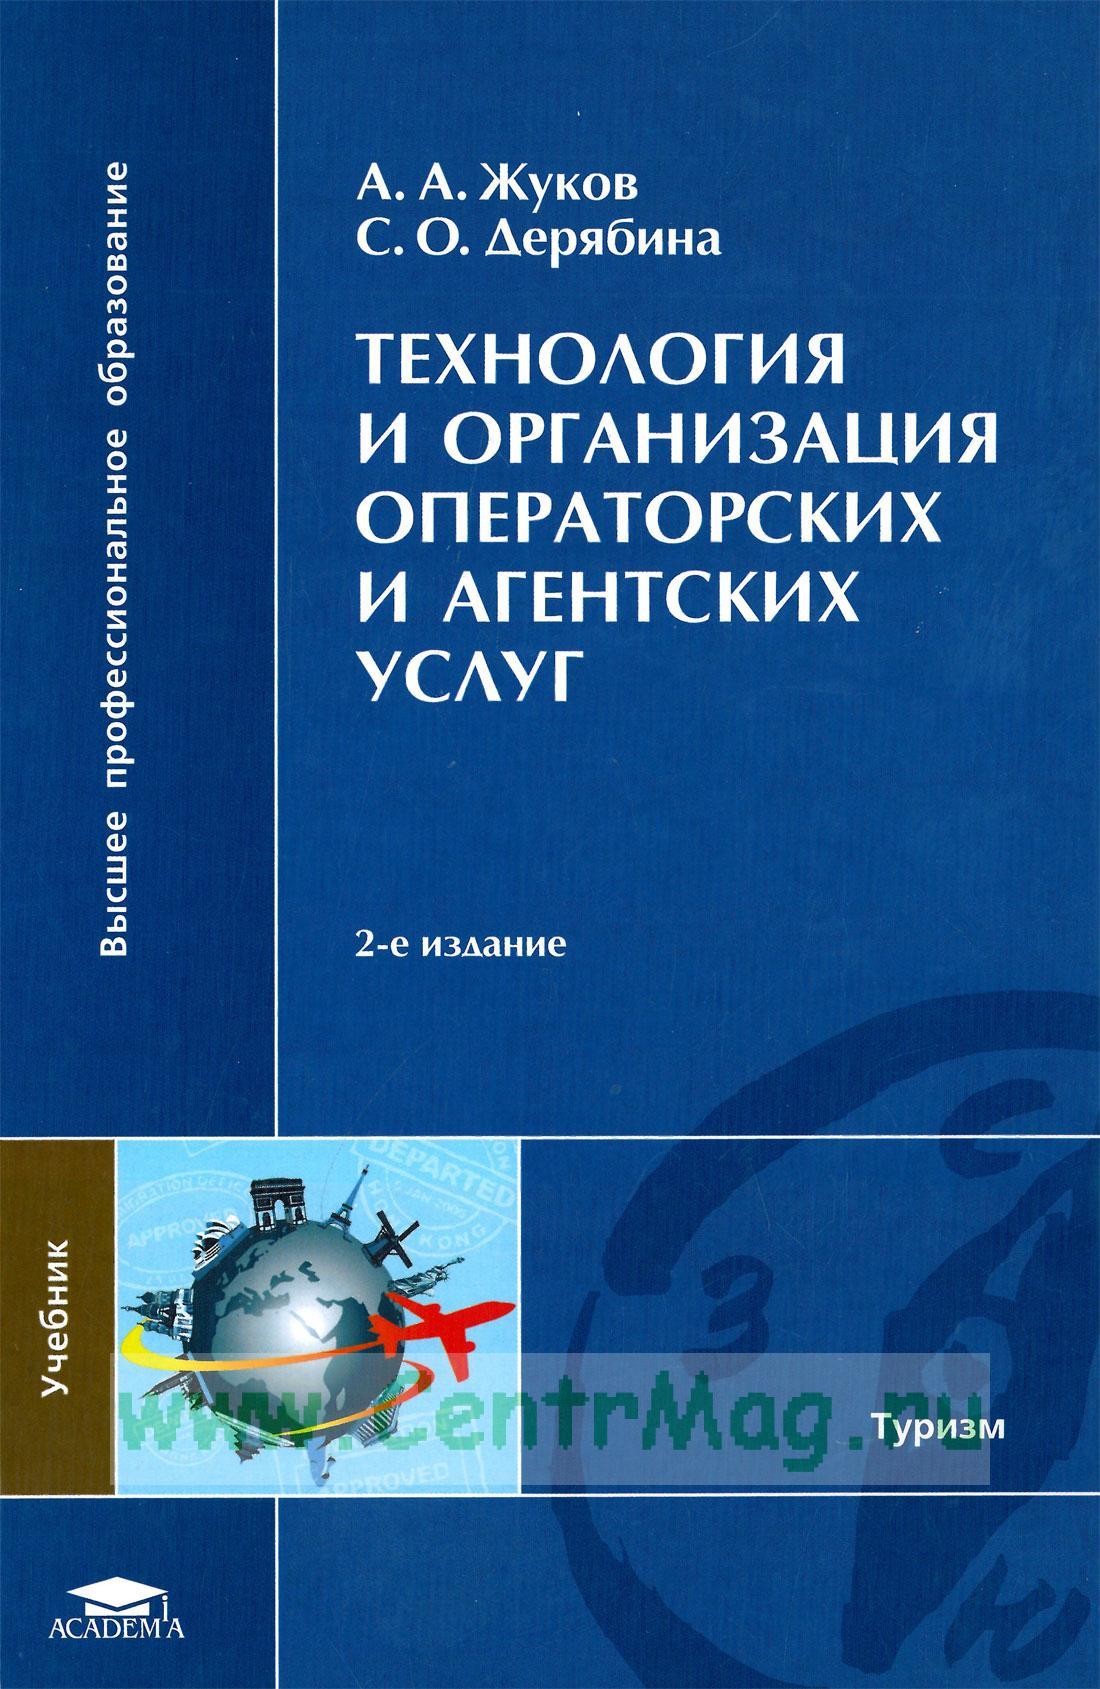 Технология и организация операторских и агентских услуг: учебник (2-е издание, стереотипное)